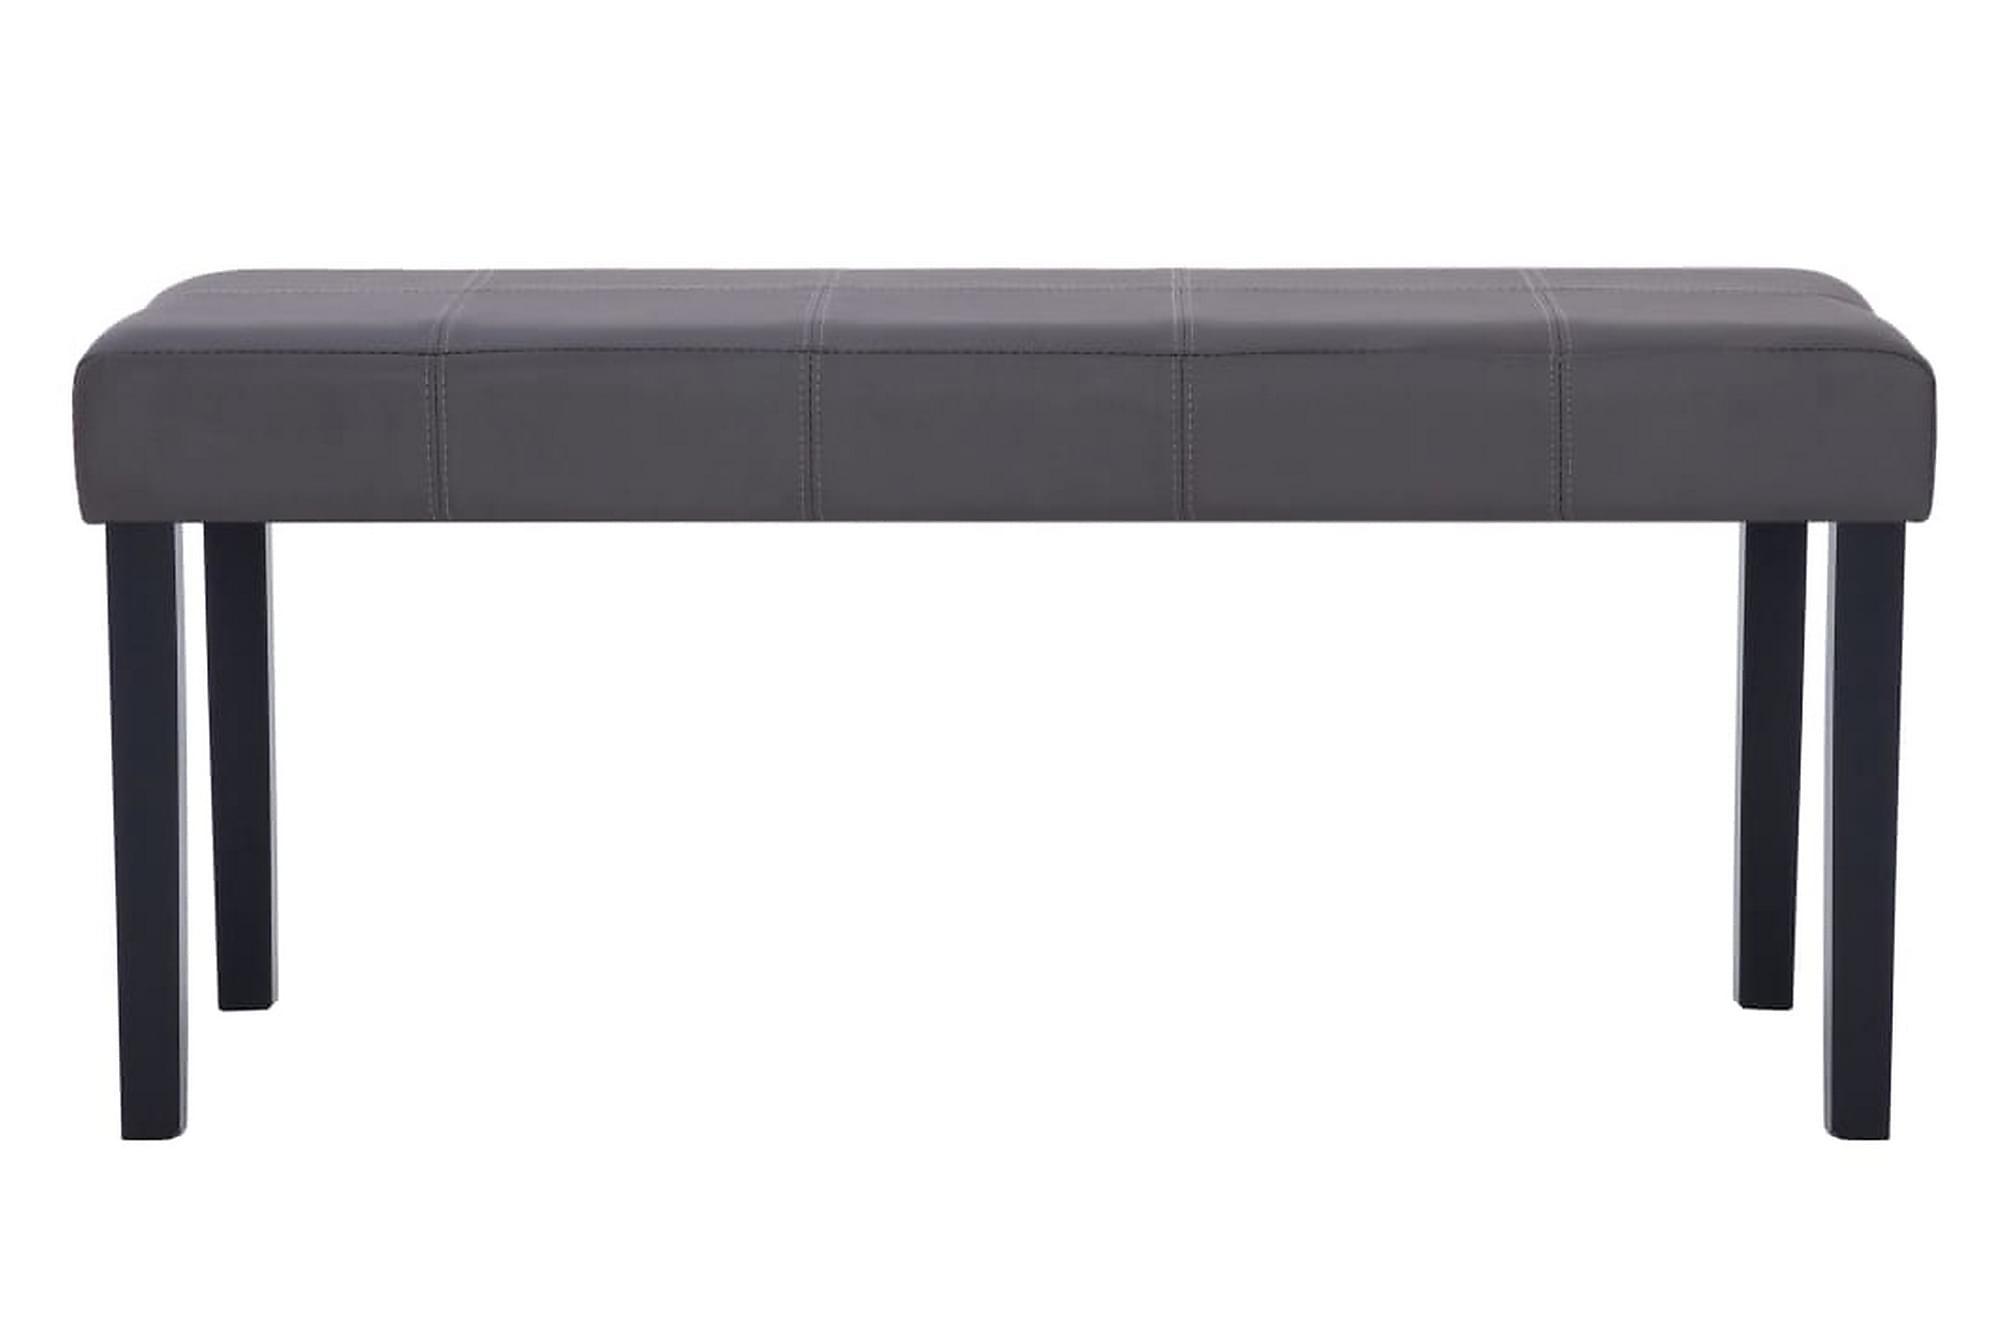 Bänk 106 cm konstläder grå, Sittbänk